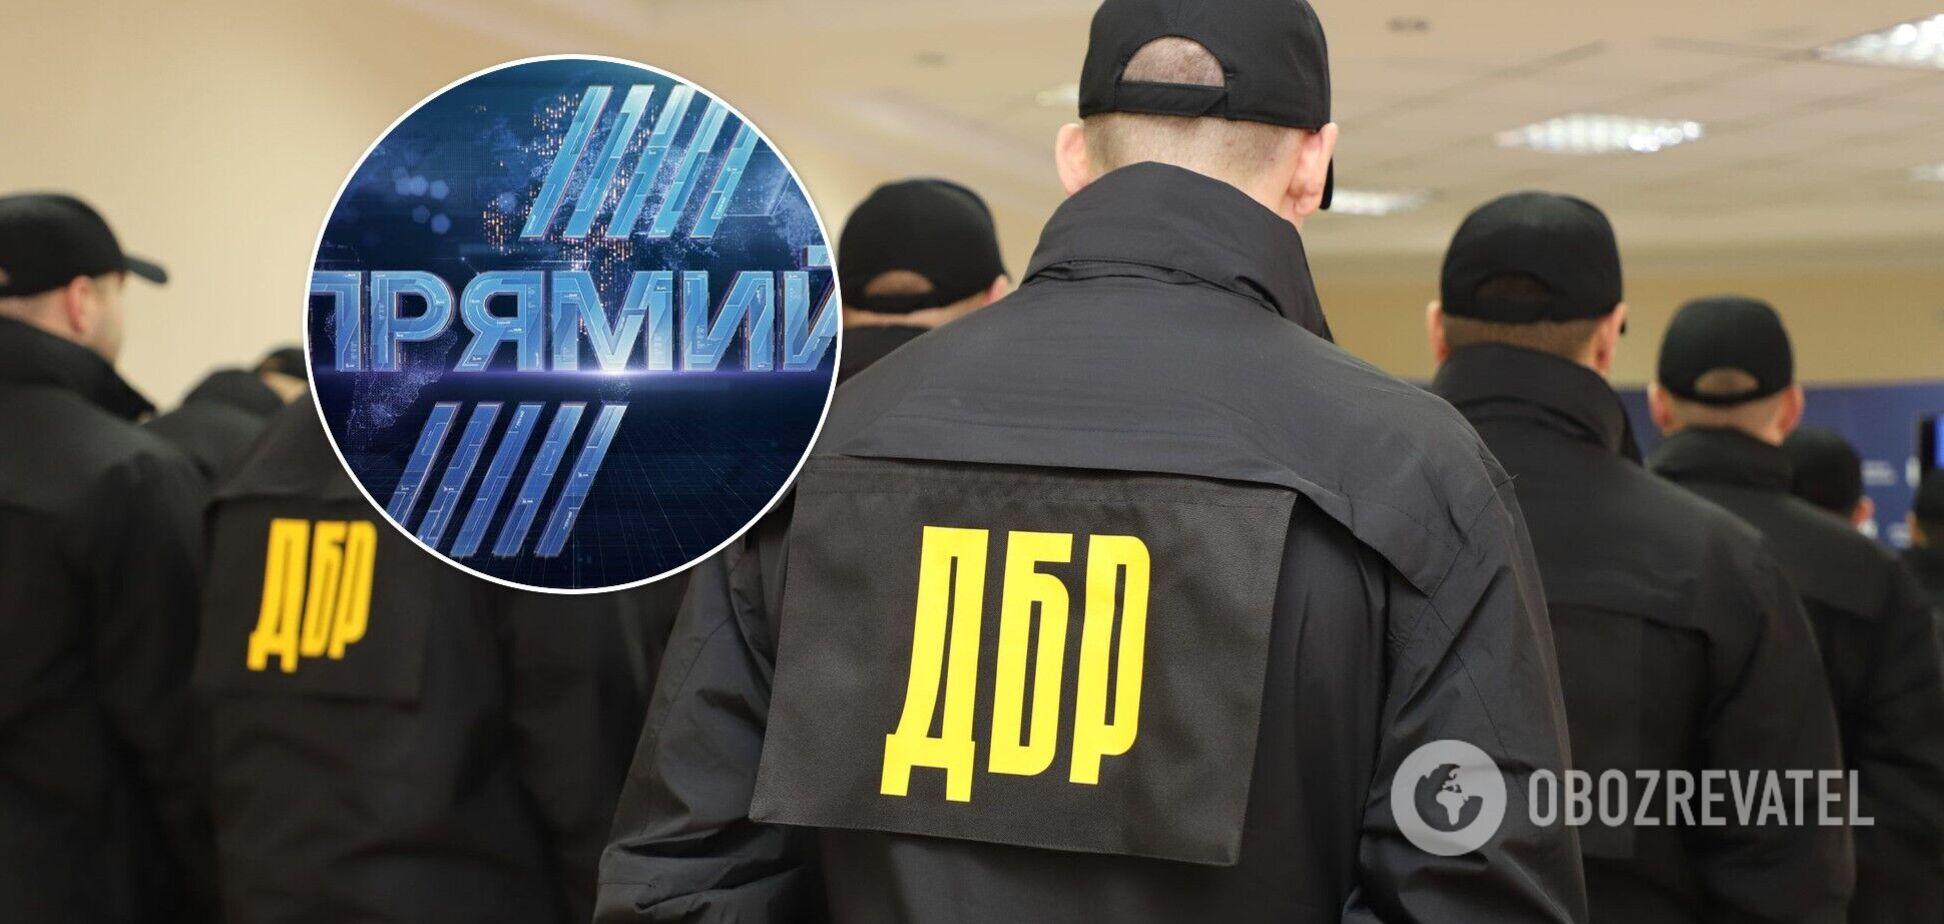 ГБР начало прослушивать сотрудников телеканала 'Прямой'